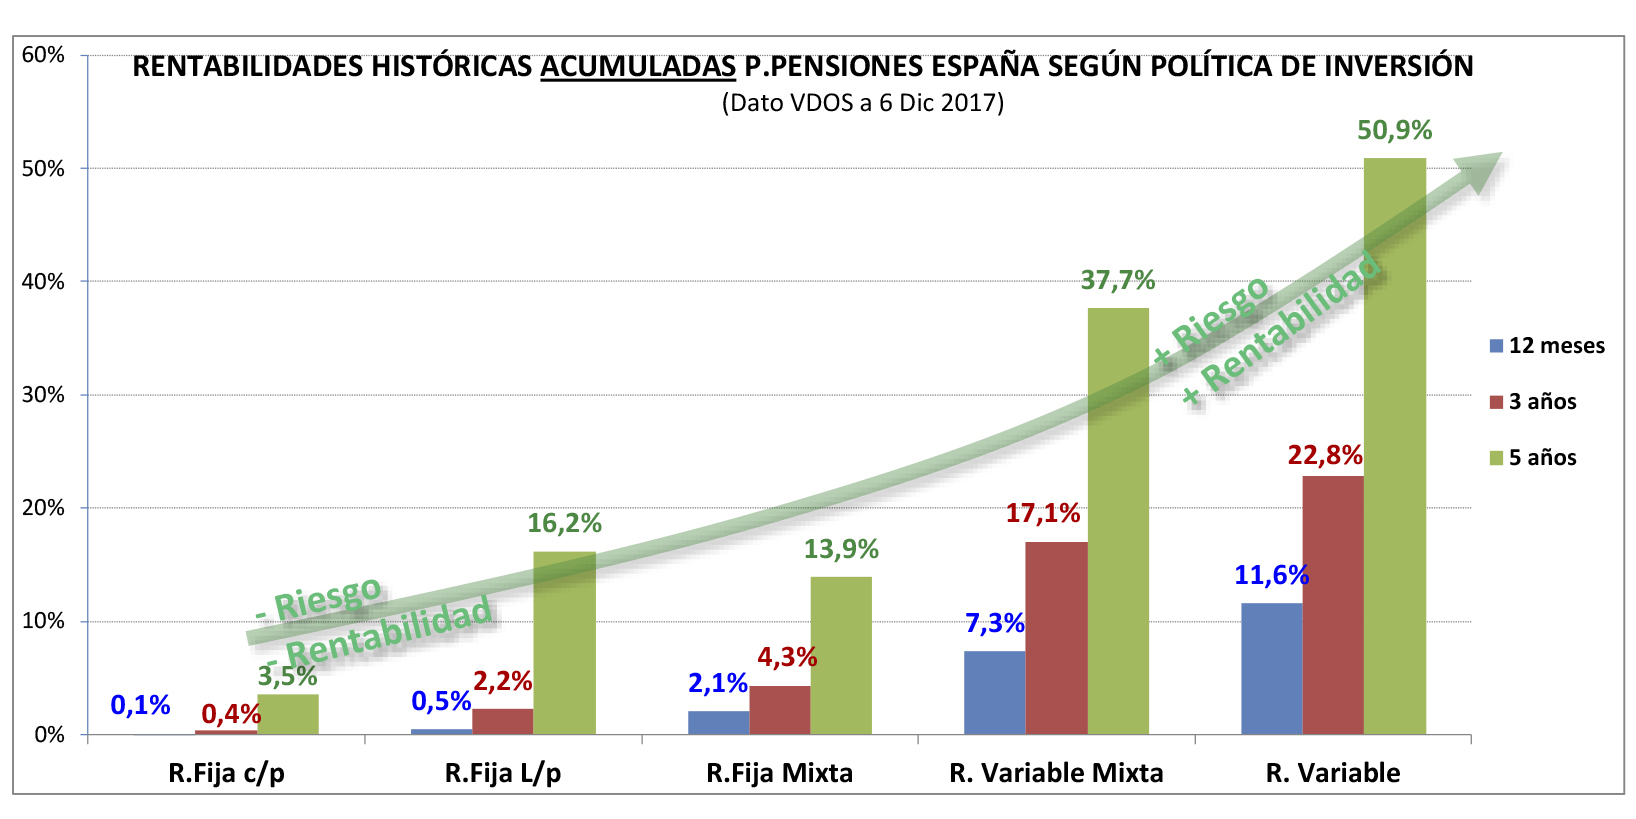 RENTABILIDADES HISTORICAS MEDIAS ESPAÑA SEGUN POLITICA INVERSION - 2